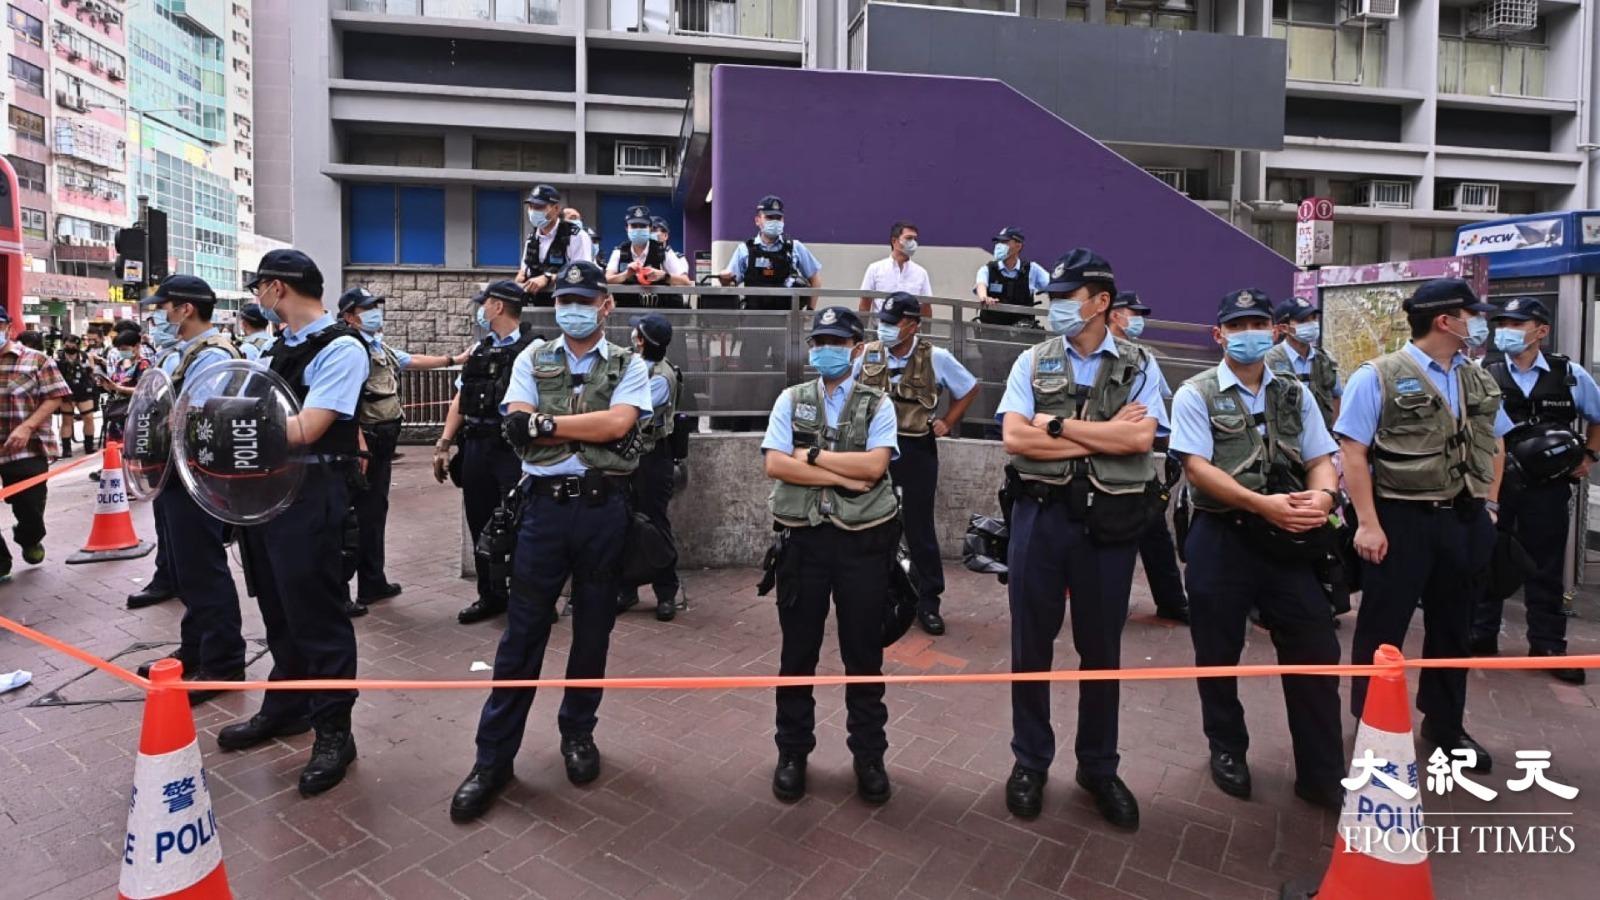 8月31日,軍裝警察出現在太子站「祭壇」附近,並設立封鎖線戒備。(宋碧龍/大紀元)